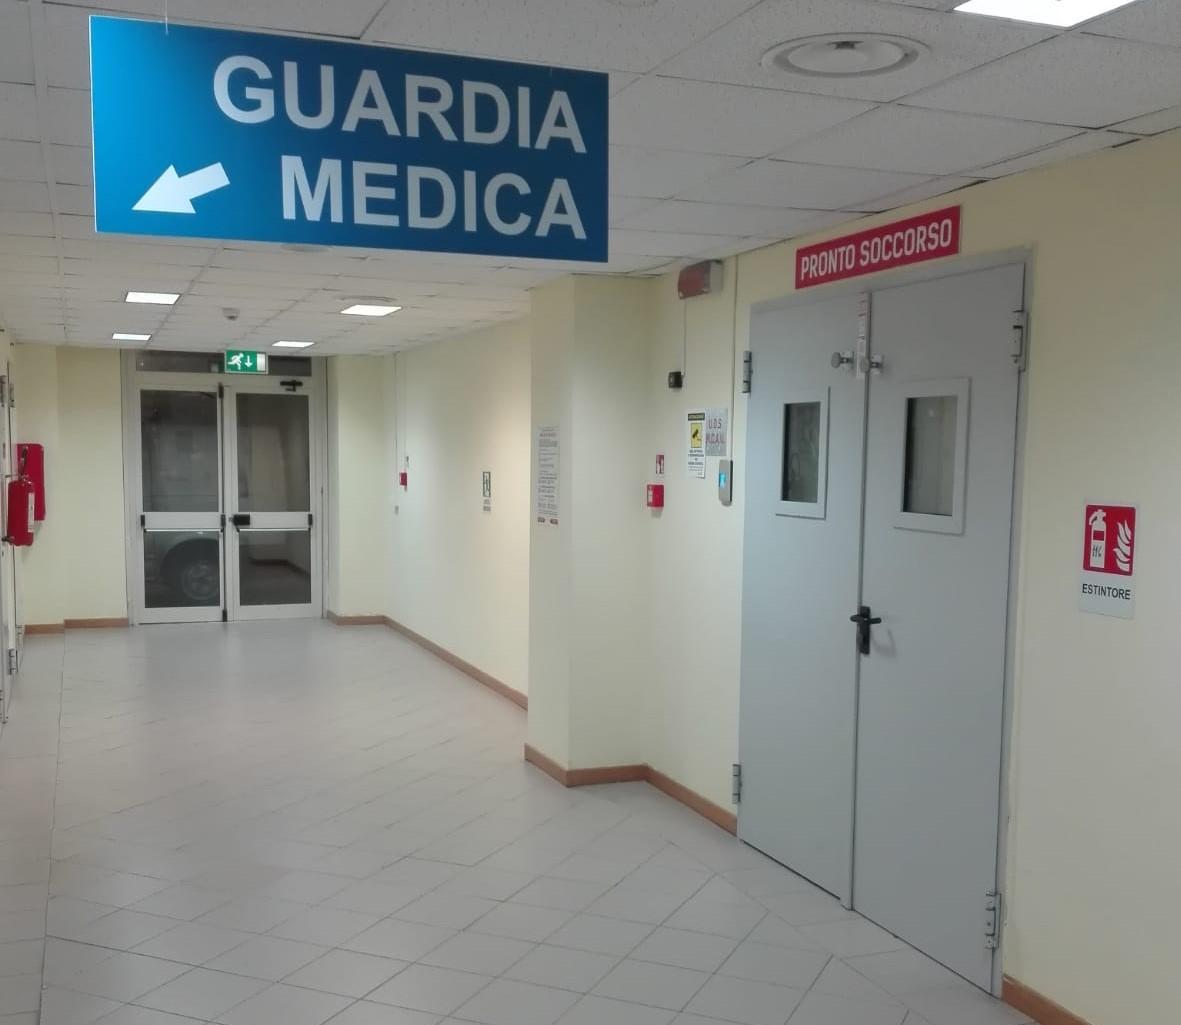 PACHINO, GUARDIA MEDICA  VERSO LA RIAPERTURA